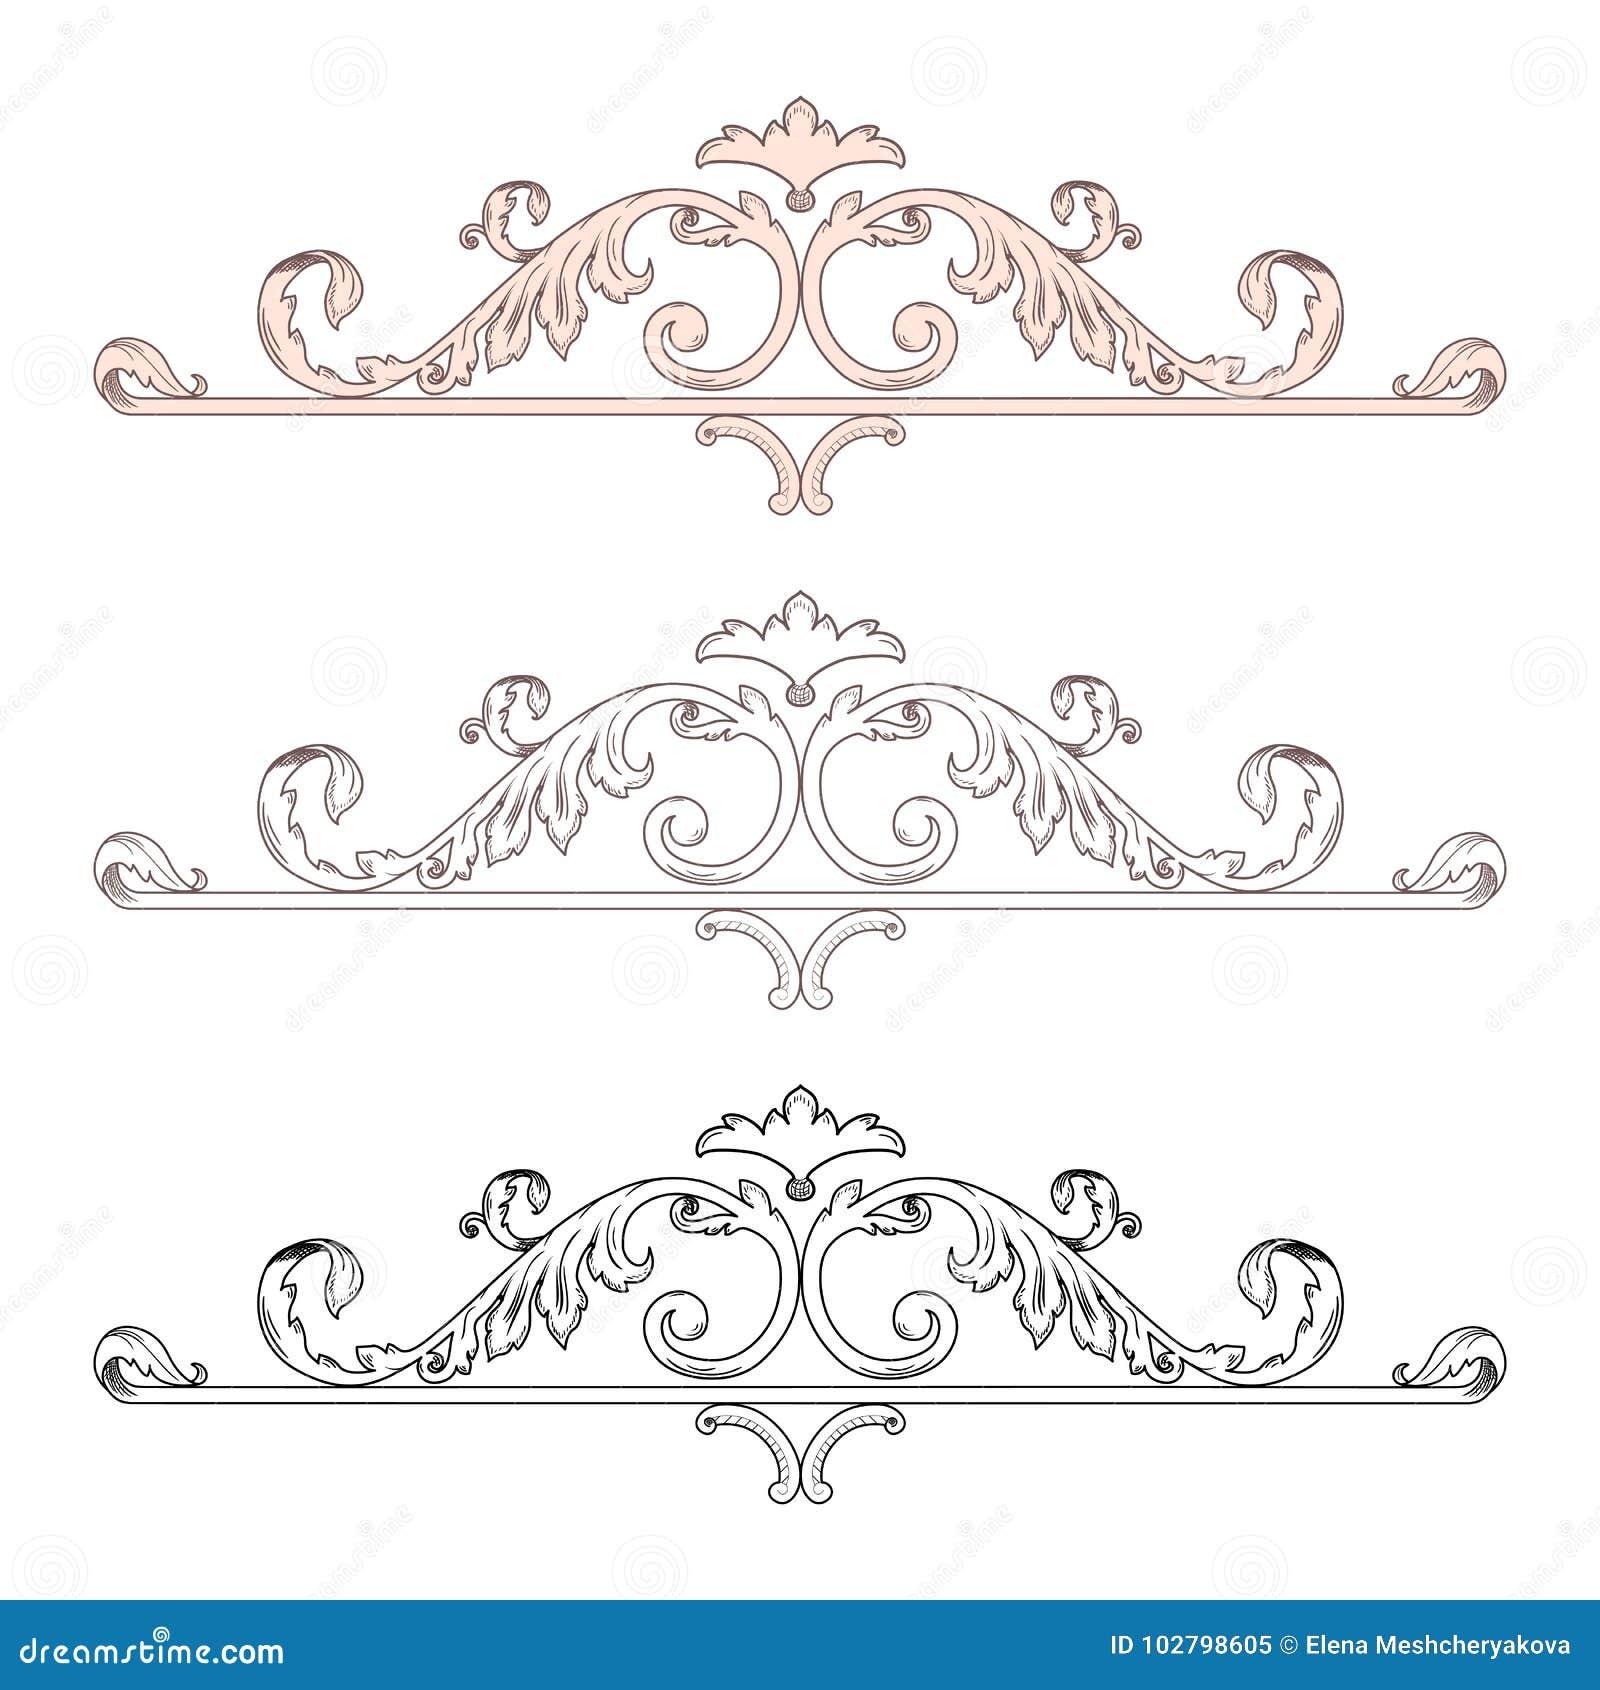 La voluta victoriana barroca de la hoja del ornamento floral del monograma de la frontera del marco del vintage grabó el tatuaje